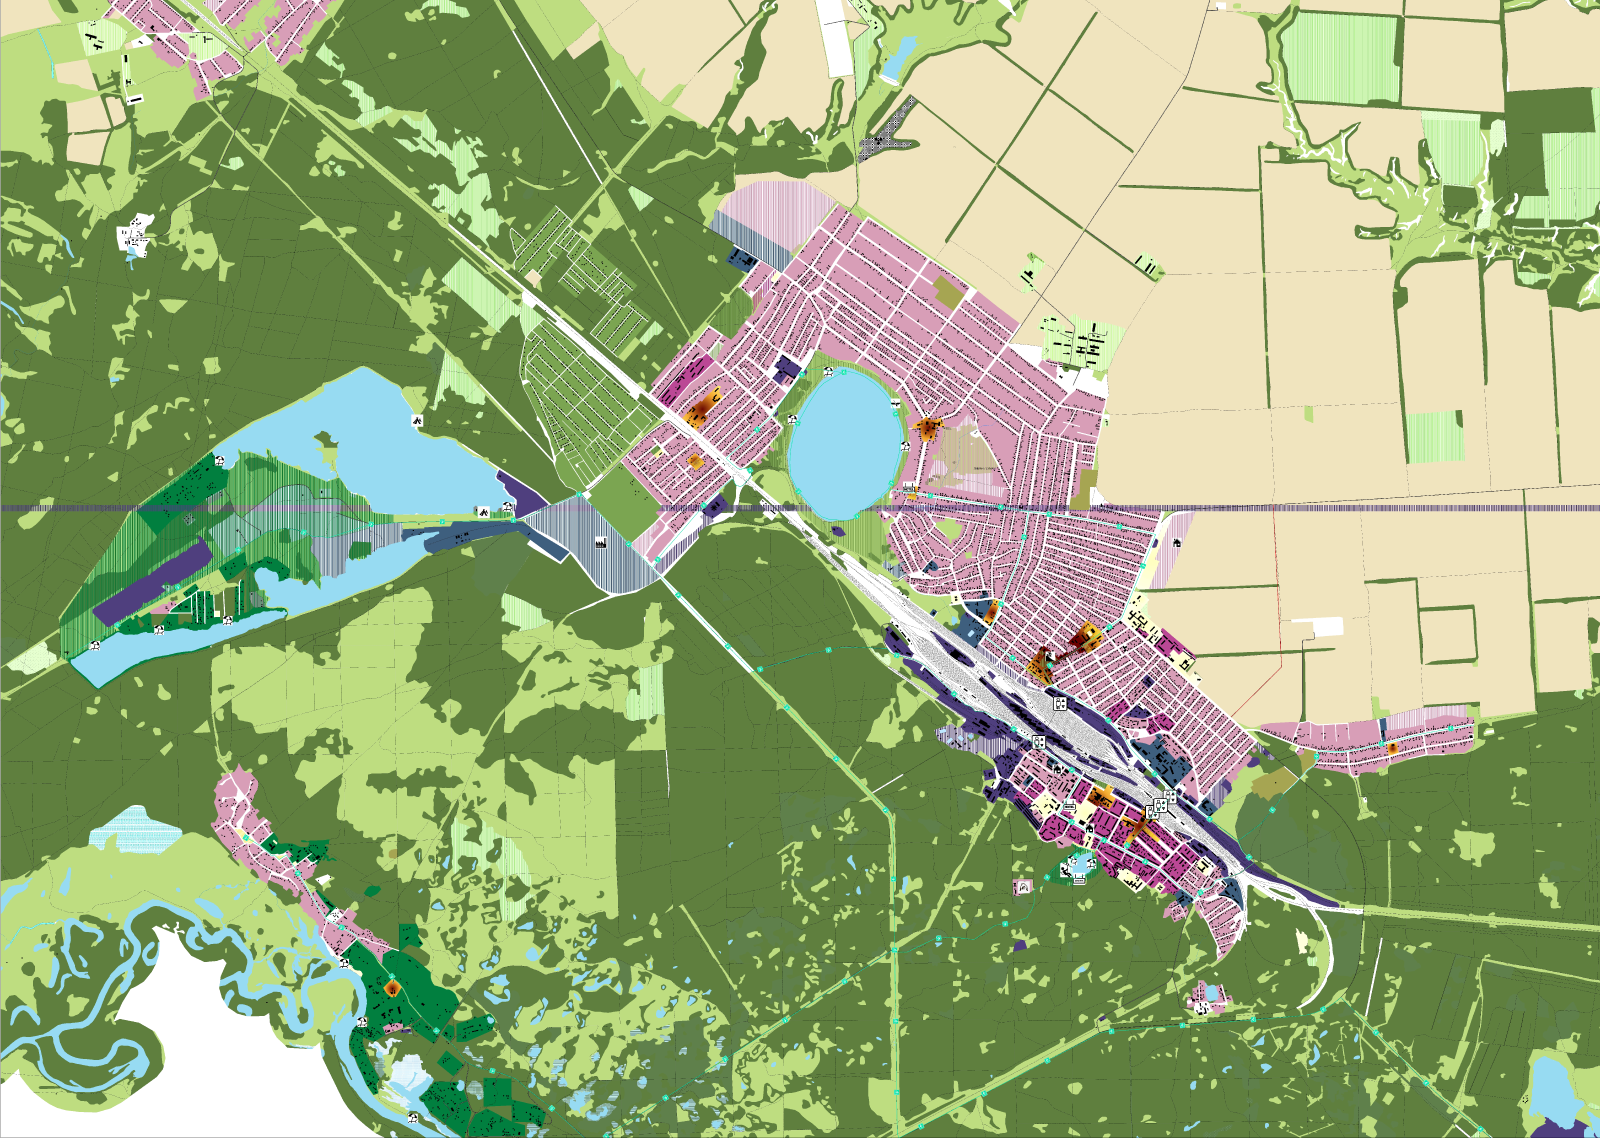 Lymanska-AH_MASTERPLAN_Integrated_plan--Lyman-city